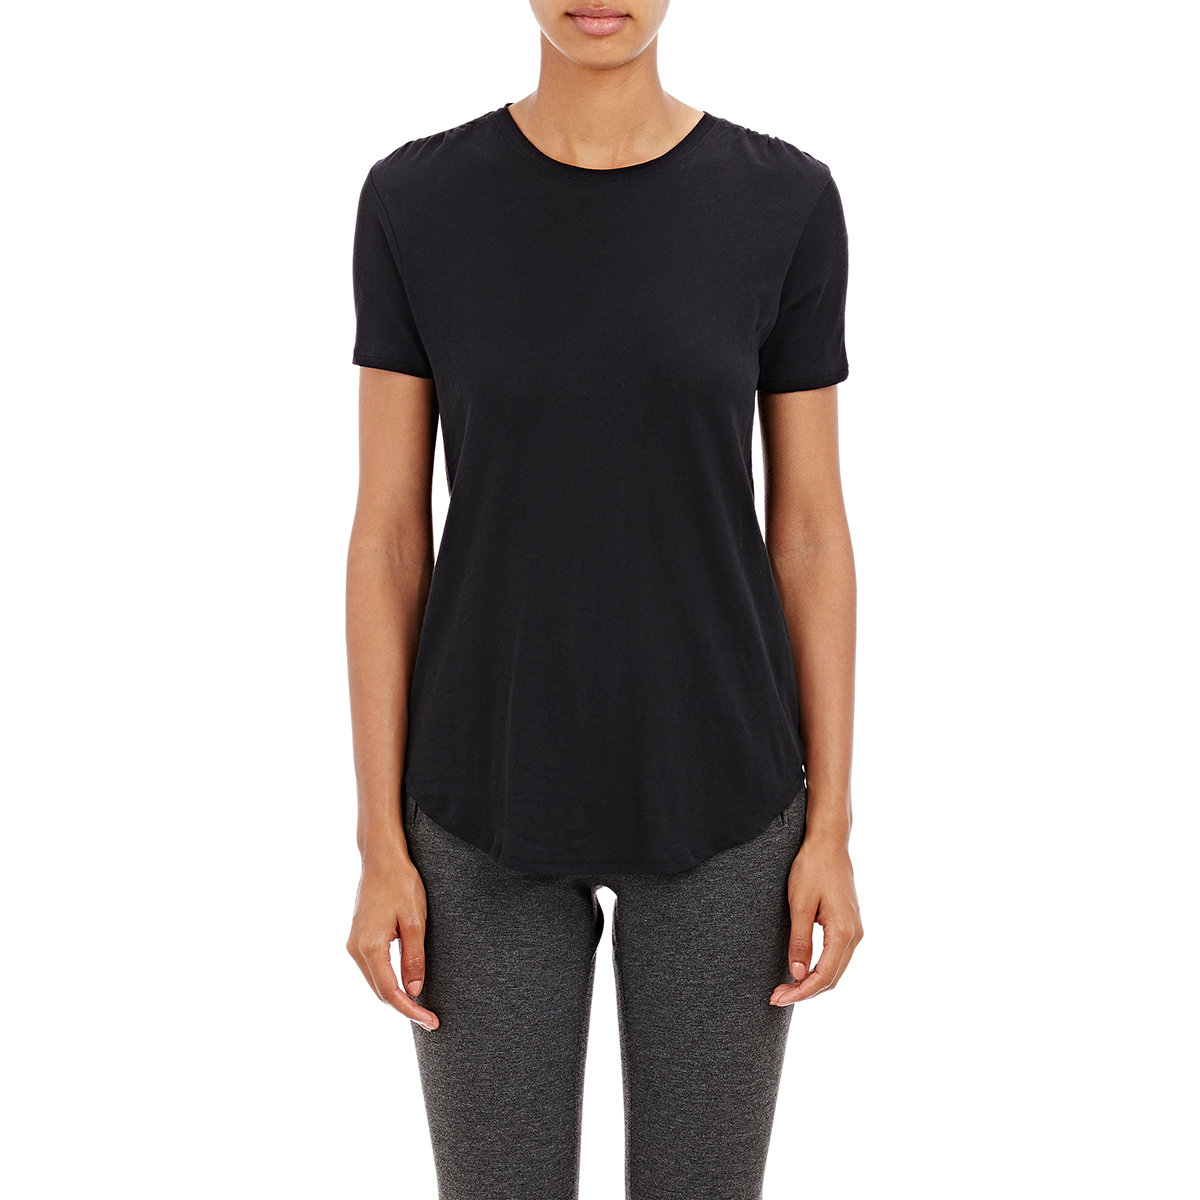 Atm women 39 s slub crewneck t shirt in black lyst for Atm t shirt sale